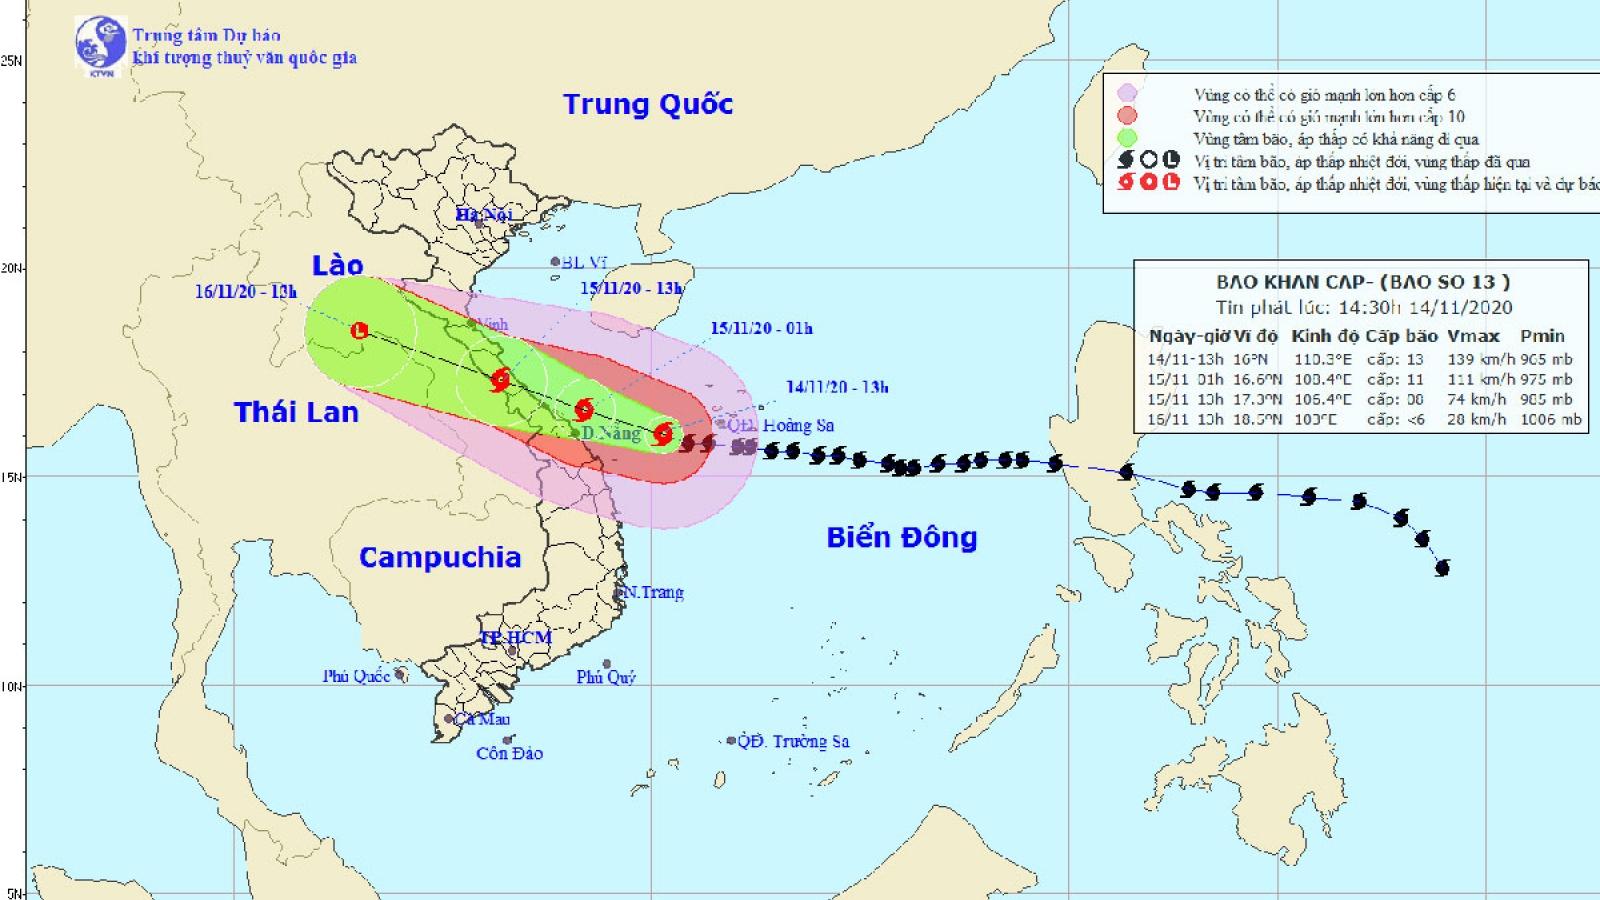 Cường độ bão số 13 giảm 1 cấp, cách Đà Nẵng 210km